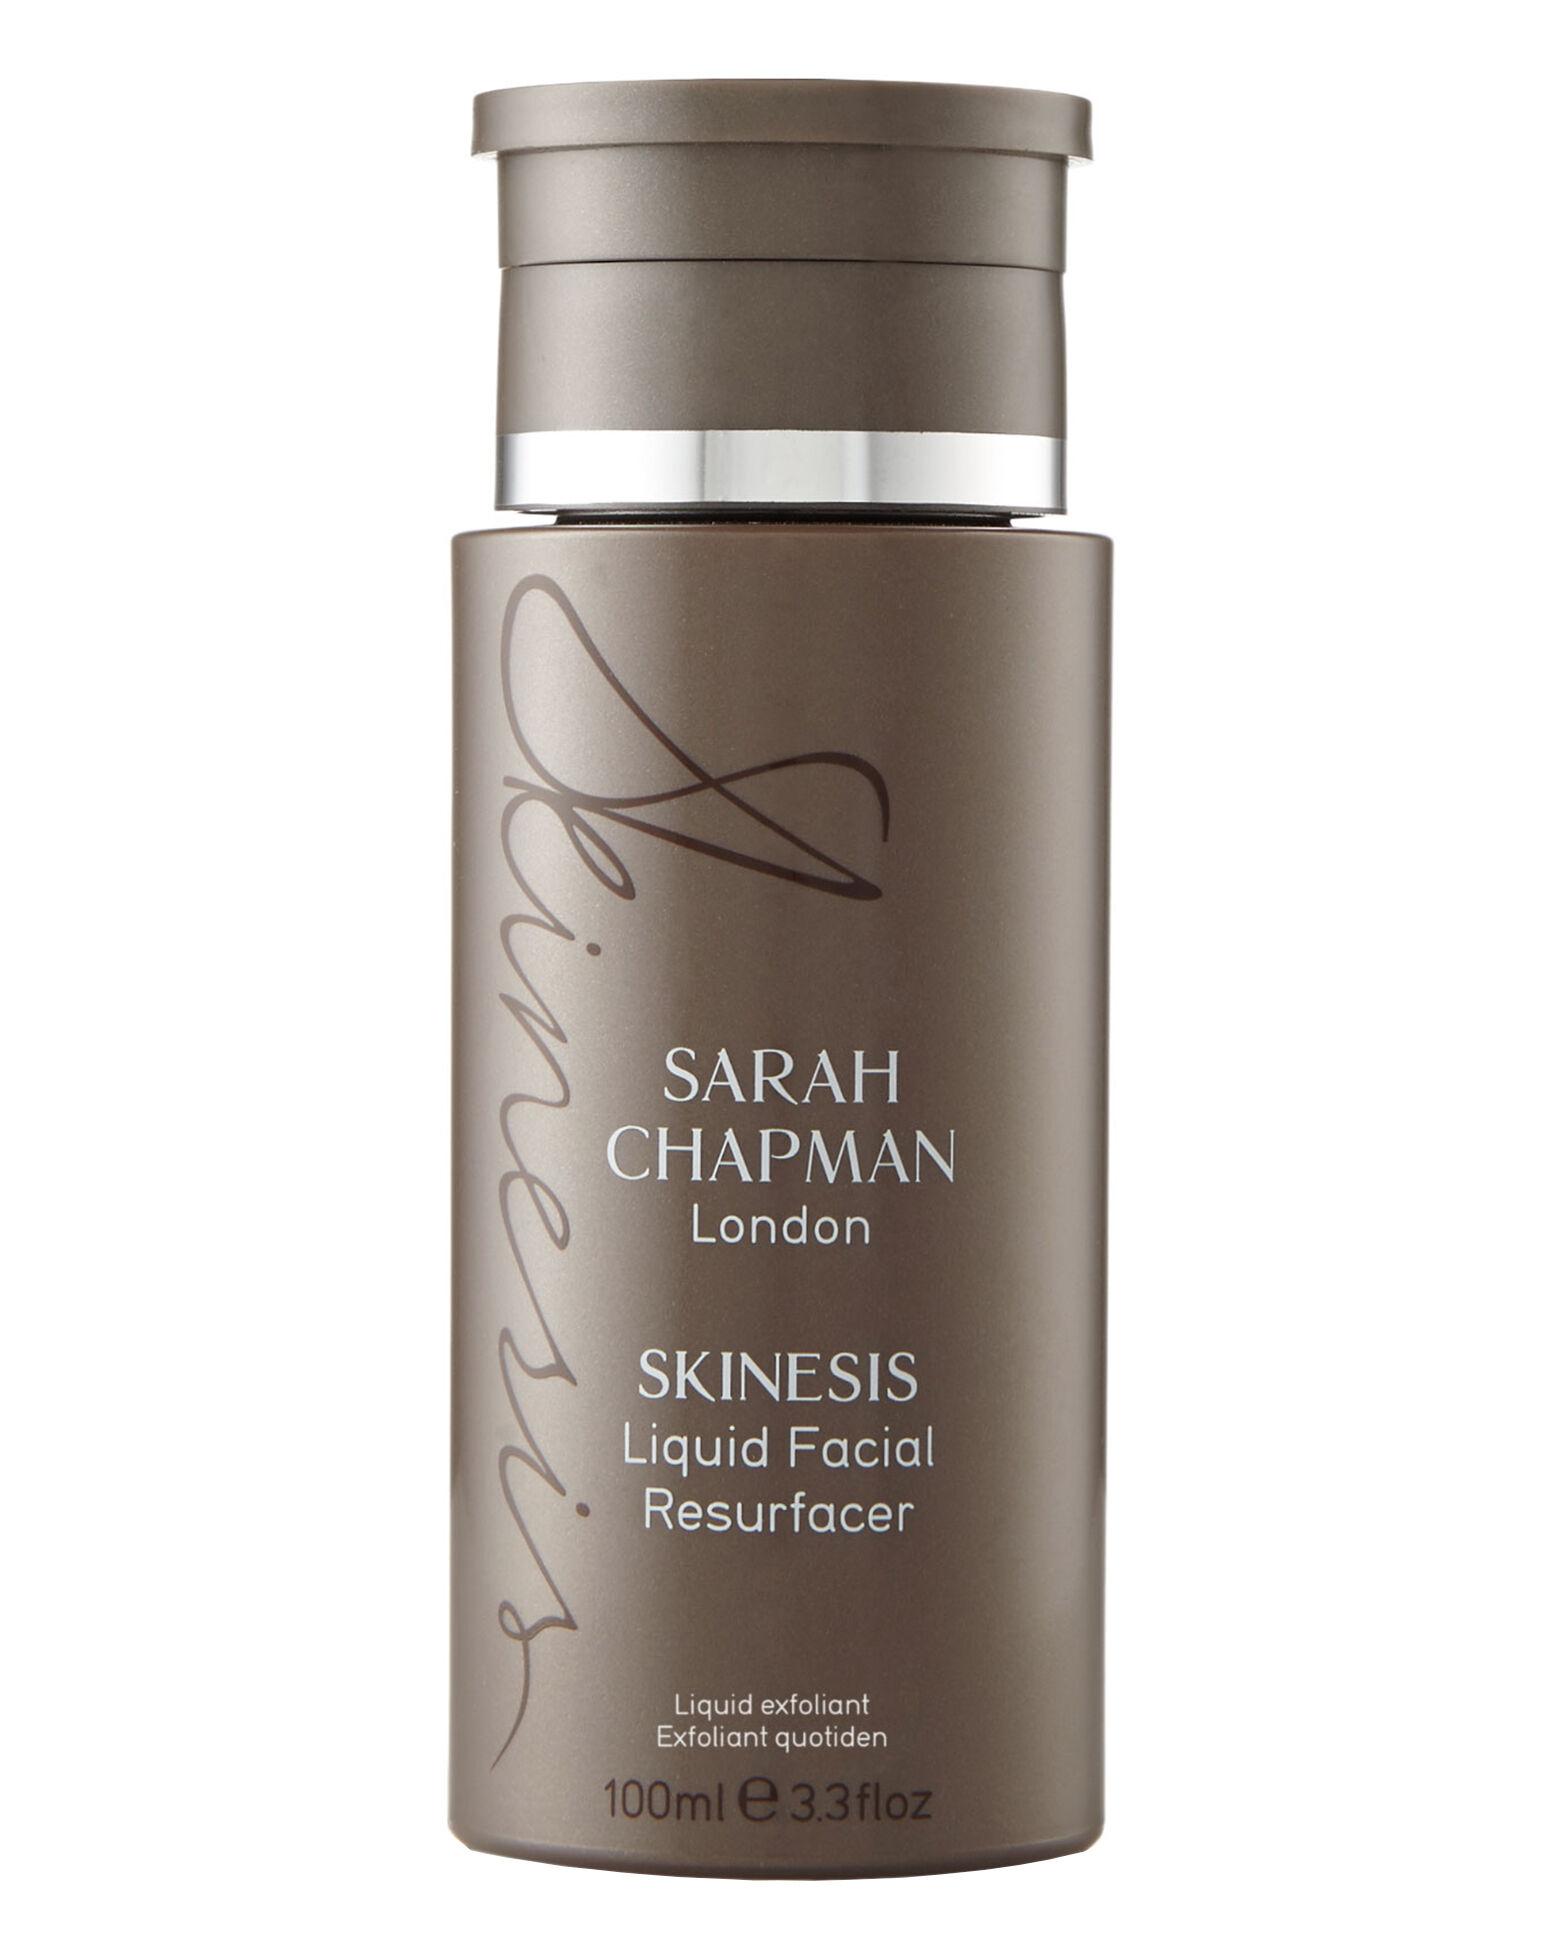 Sarah Chapman - Liquid Facial Resurfacer